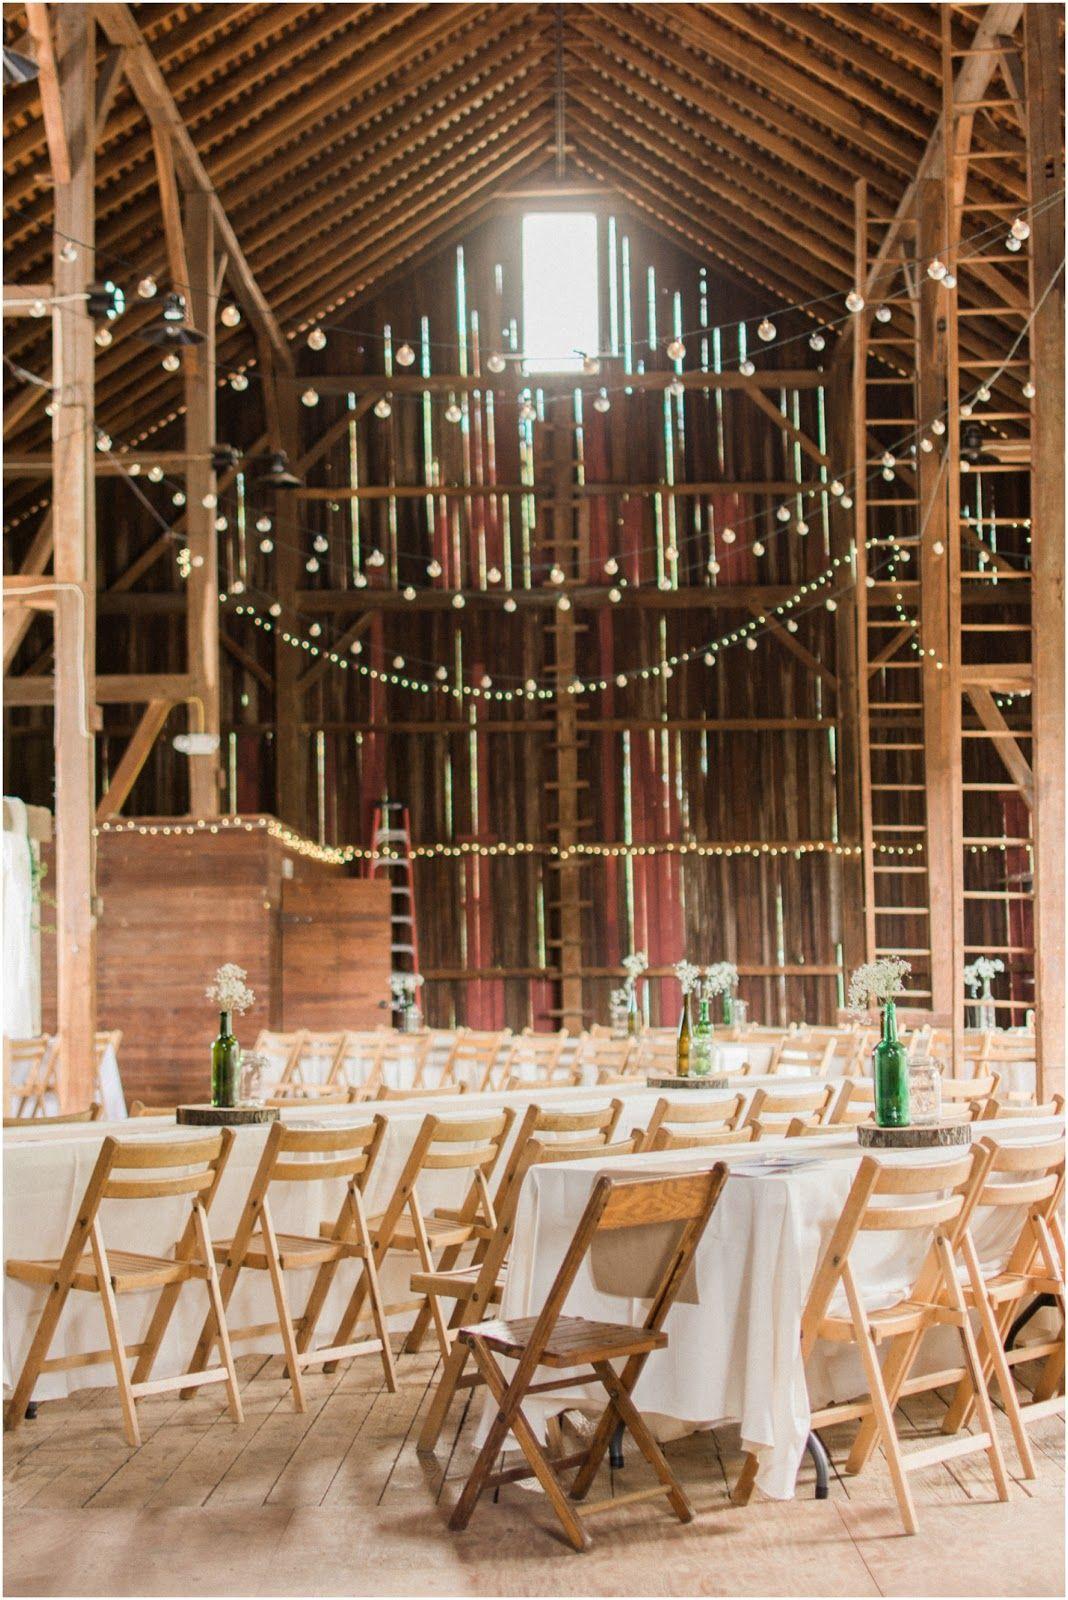 Crown Point Ecology Center Barn Wedding Venue Bath Ohio Photographer Anna Markley Annamarkleyimagery: Wedding Venues In Fairfield Ohio At Websimilar.org